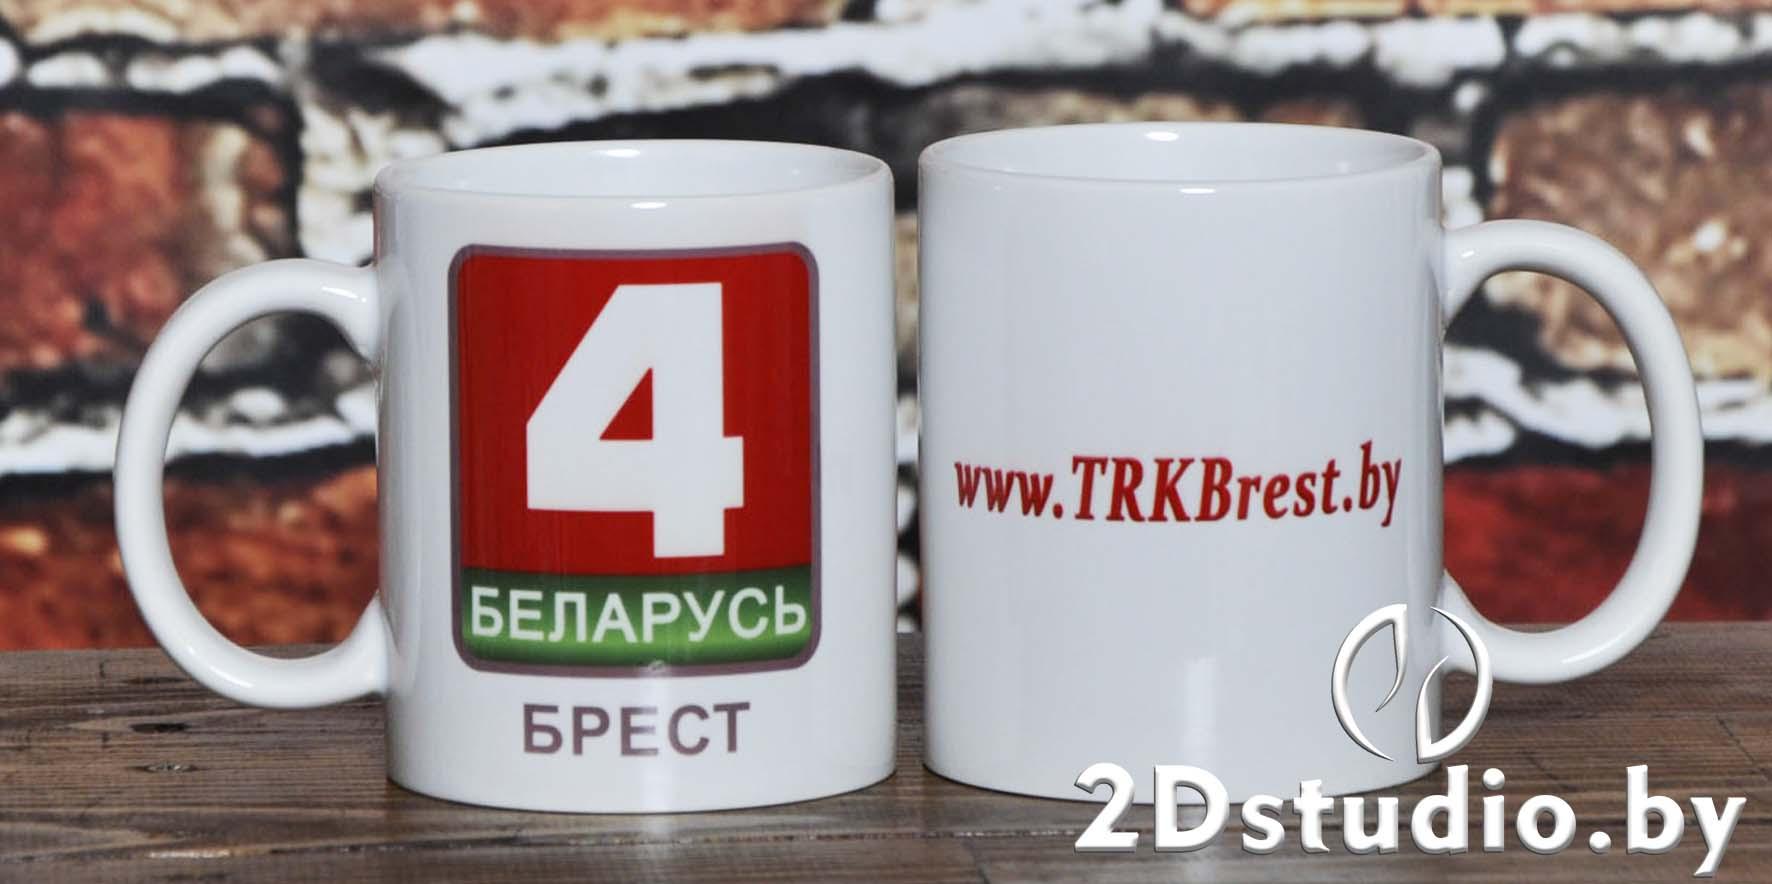 Кружка с лого Беларусь 4